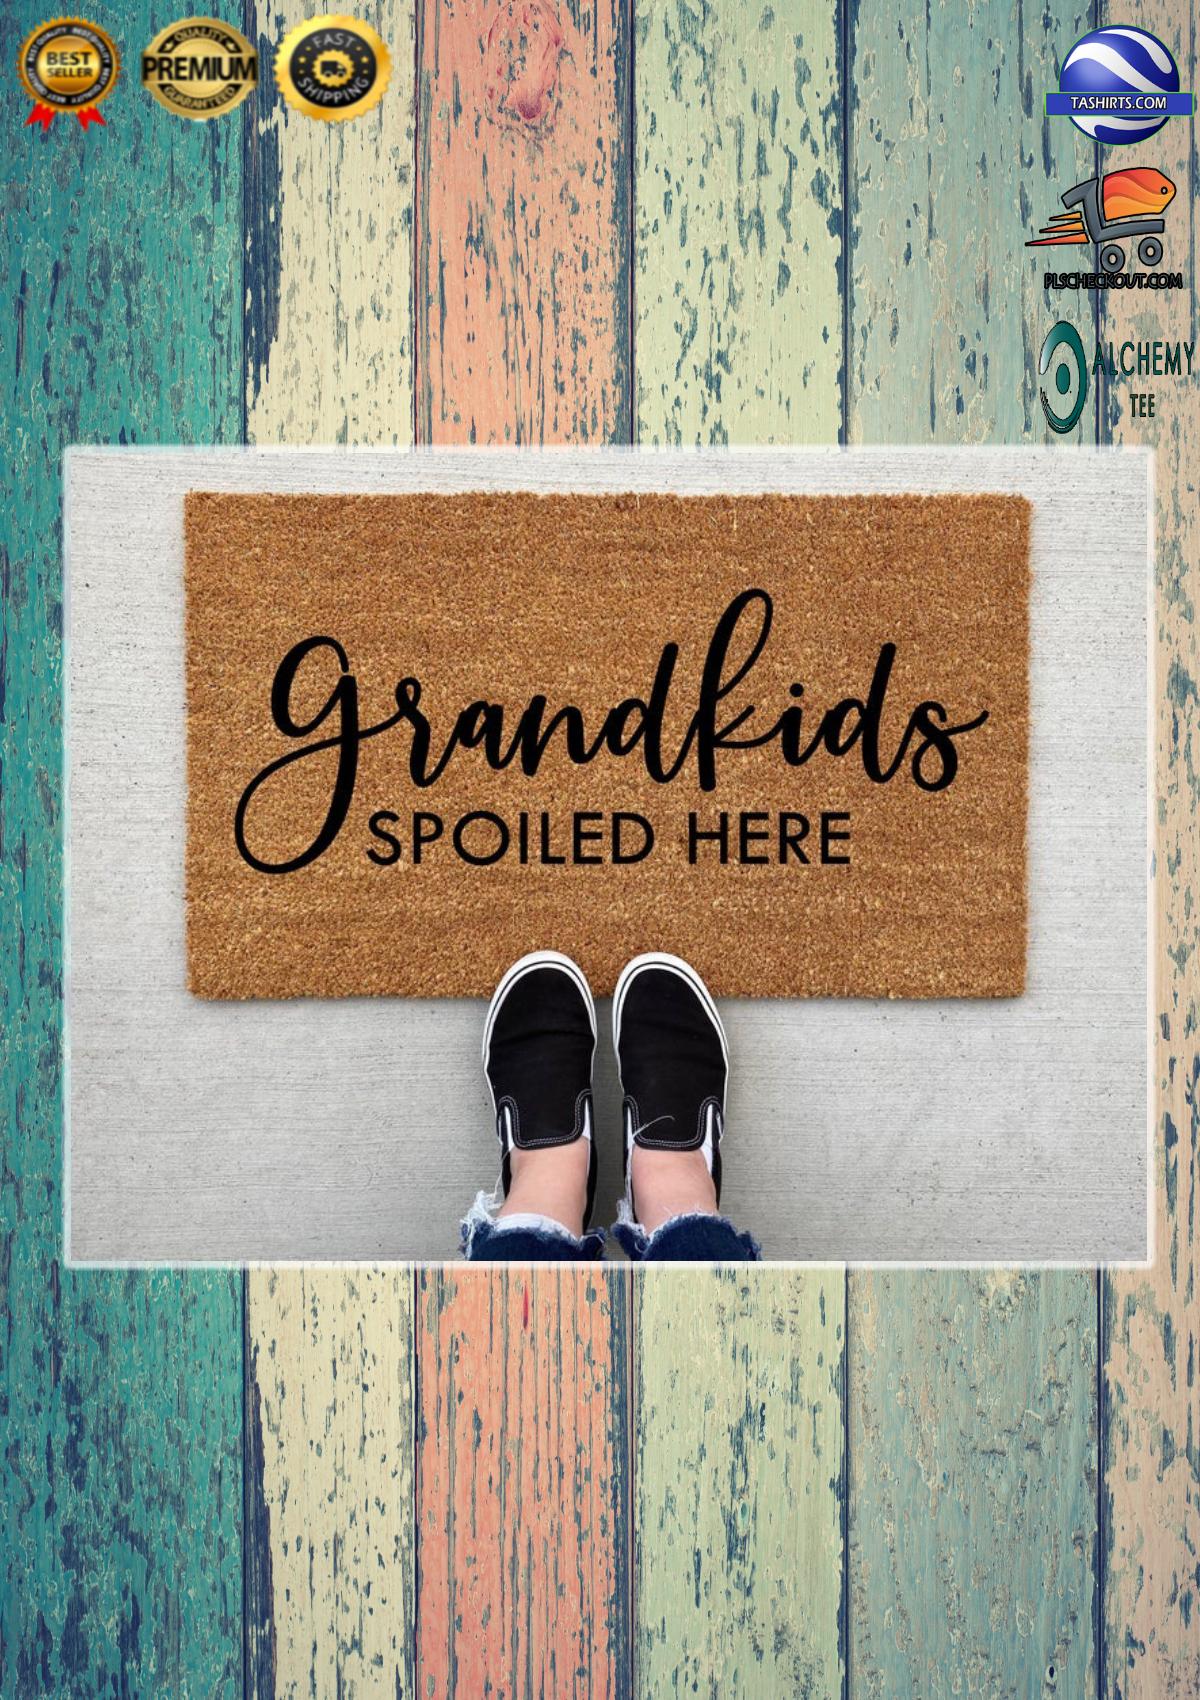 Grandkids spoiled here doormat 2